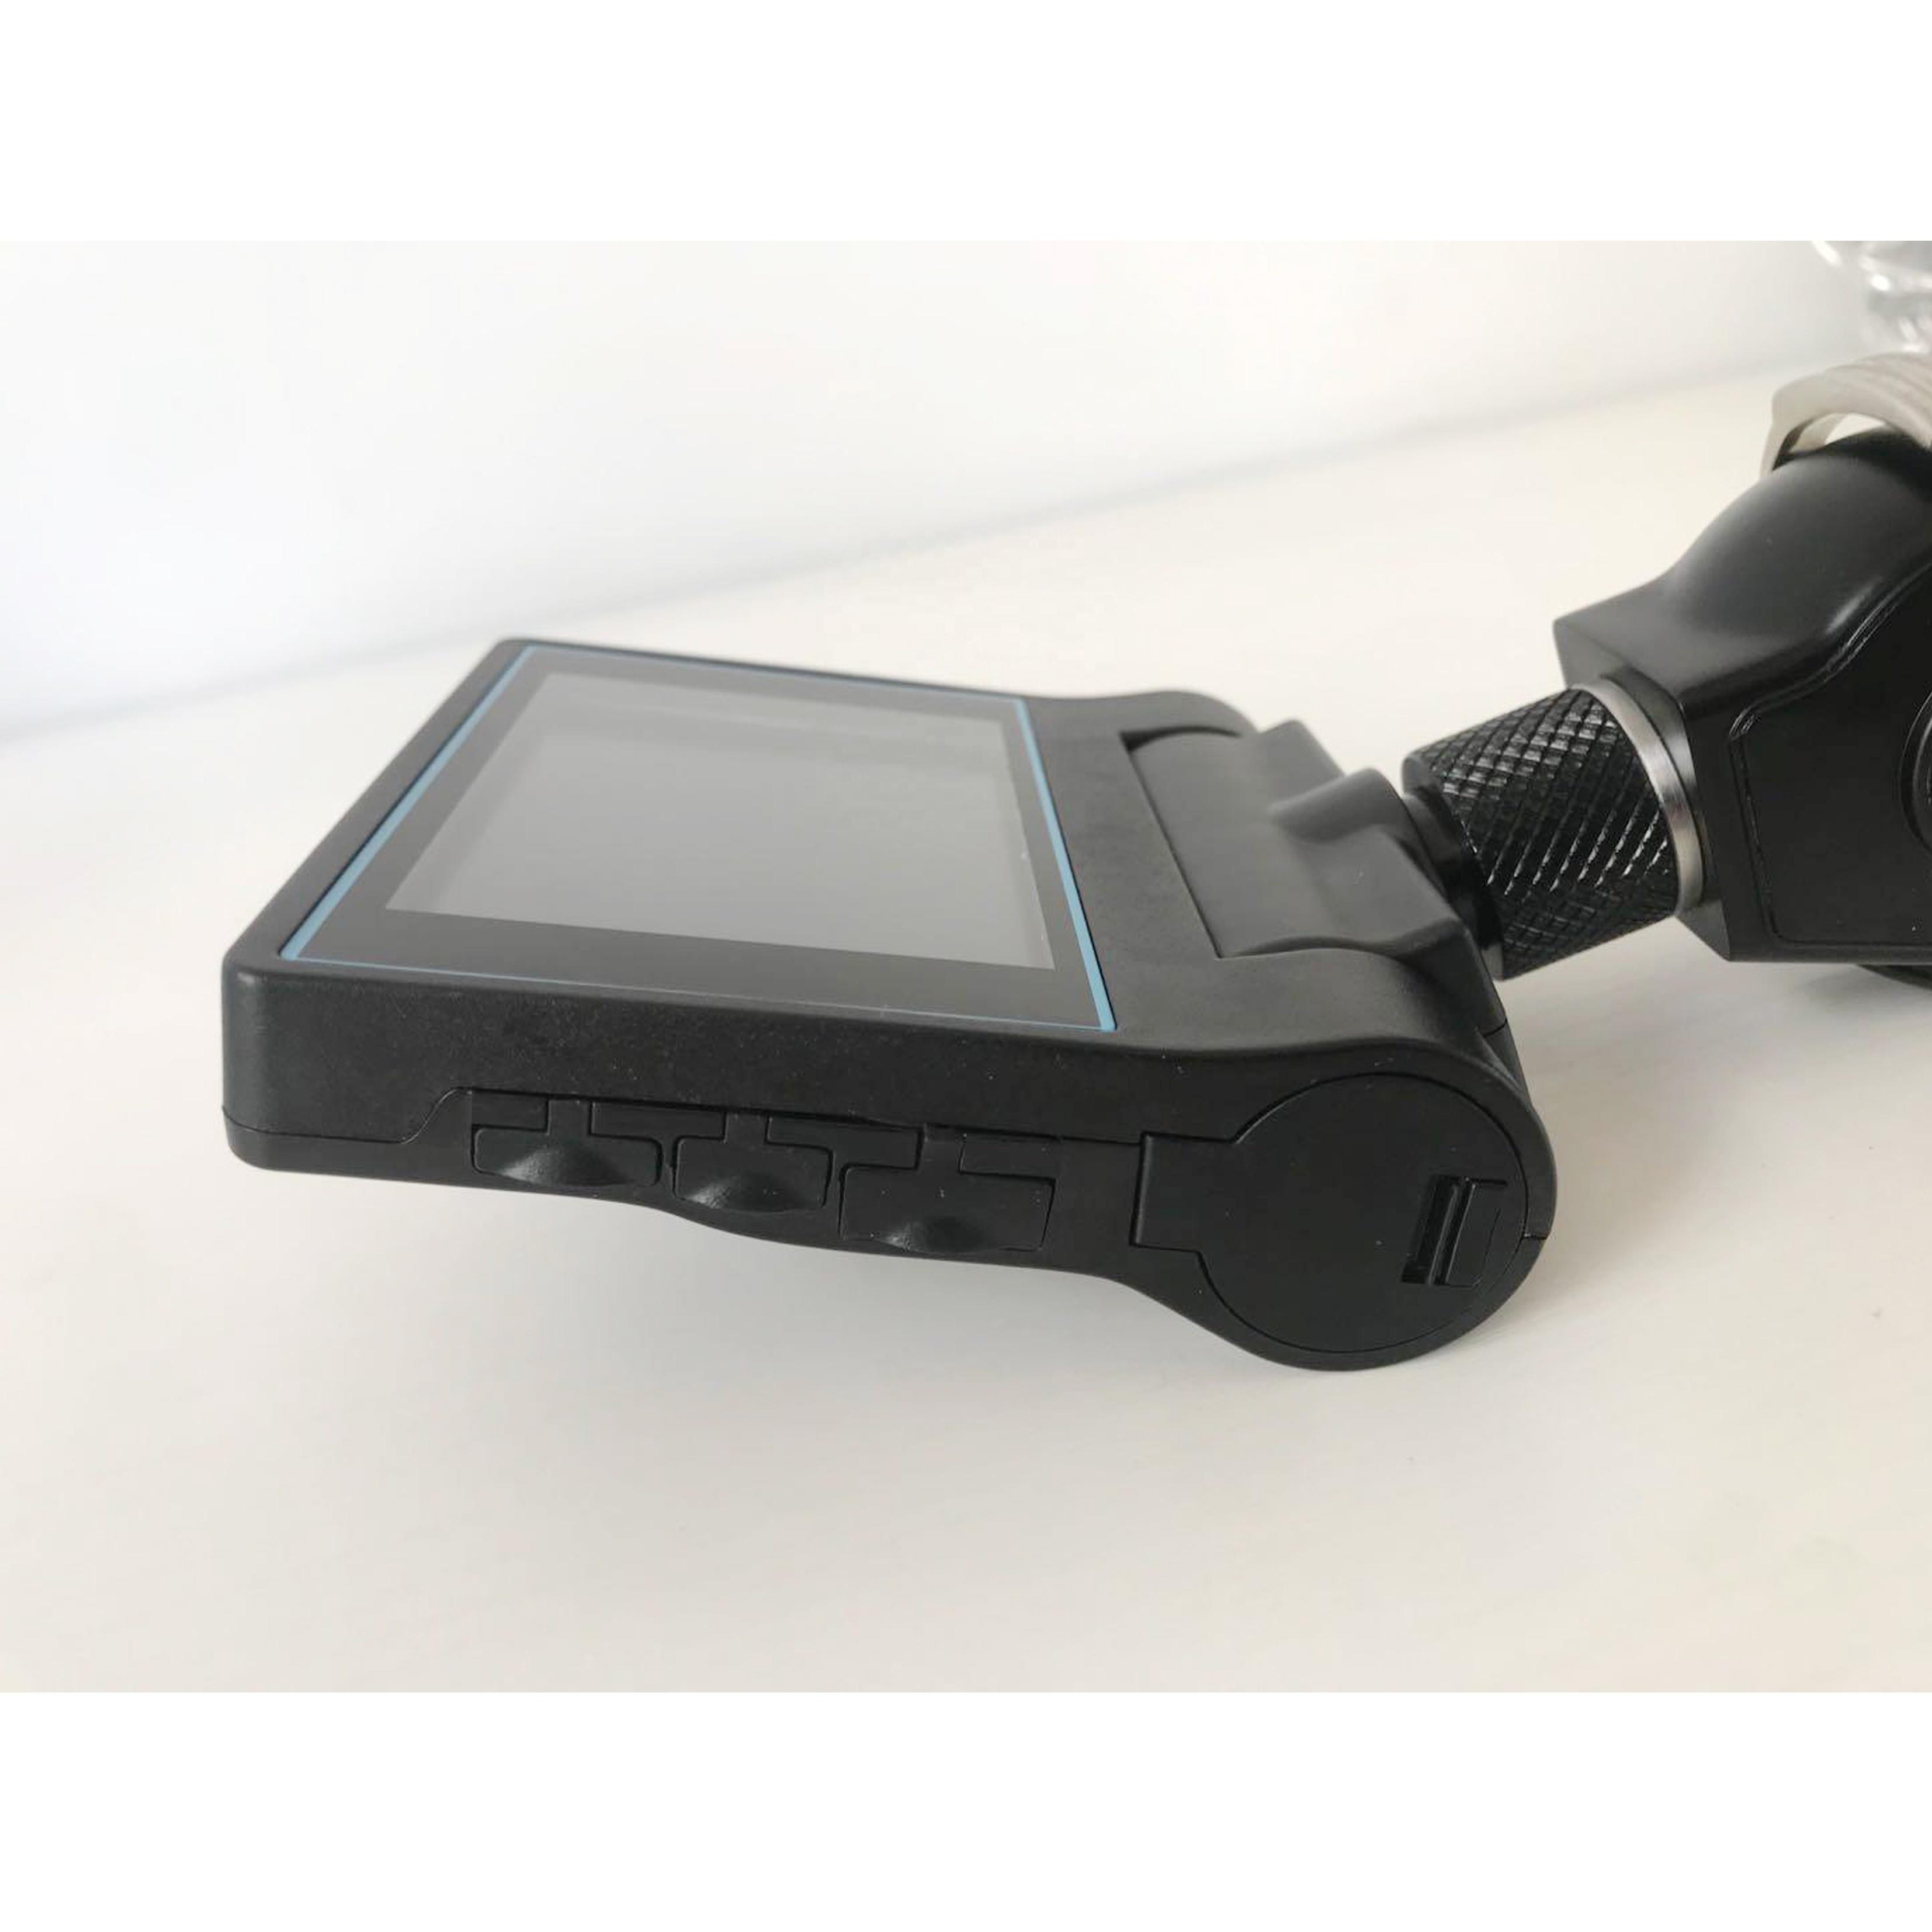 IN-P029-1 ручное интубационное оборудование, электронный бронхоскоп, ларингоскоп, гибкая эндоскопия